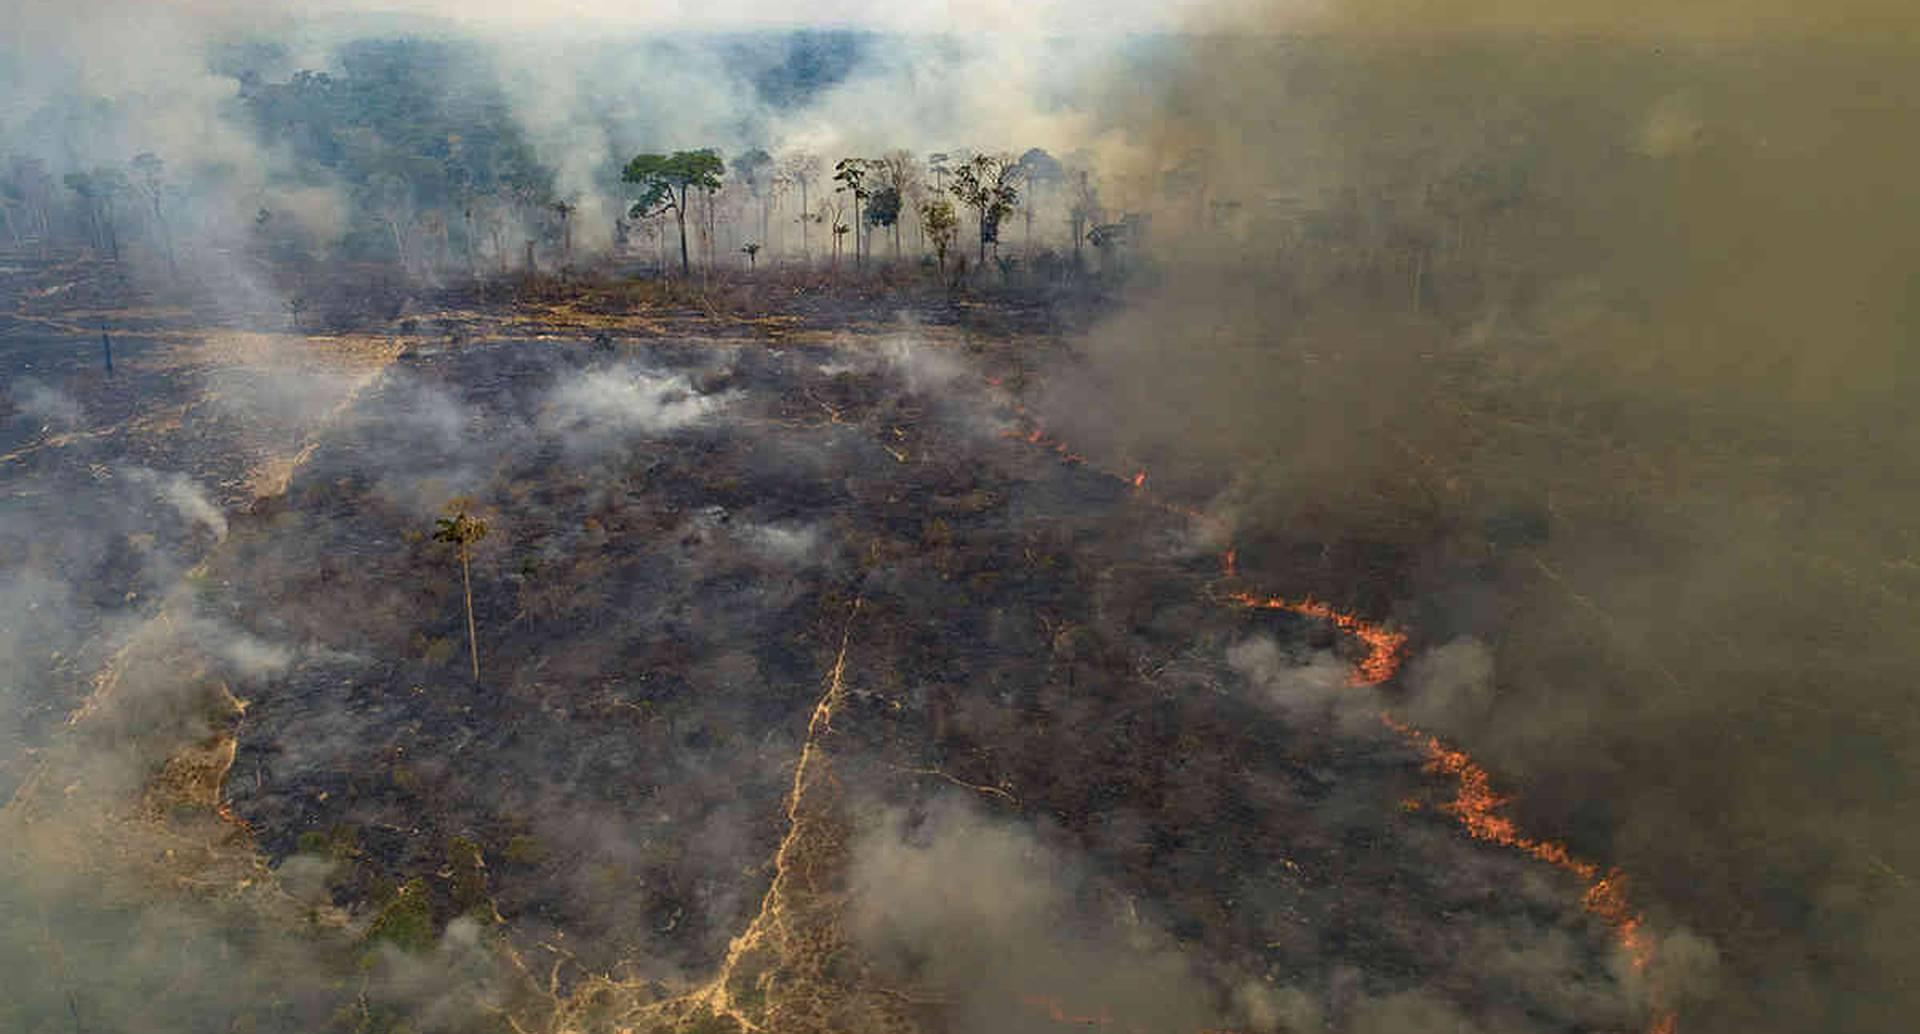 El fuego consume tierras recientemente deforestadas por ganaderos cerca de Novo Progresso, estado de Pará, Brasil, el domingo 23 de agosto de 2020. Los ambientalistas dicen que la Amazonía ha perdido alrededor del 17 % de su área original y temen que la corriente pueda llegar a un punto en los próximos 15 a 30 años después del cual podría dejar de generar suficiente lluvia para mantenerse. Foto: Andre Penner / AP